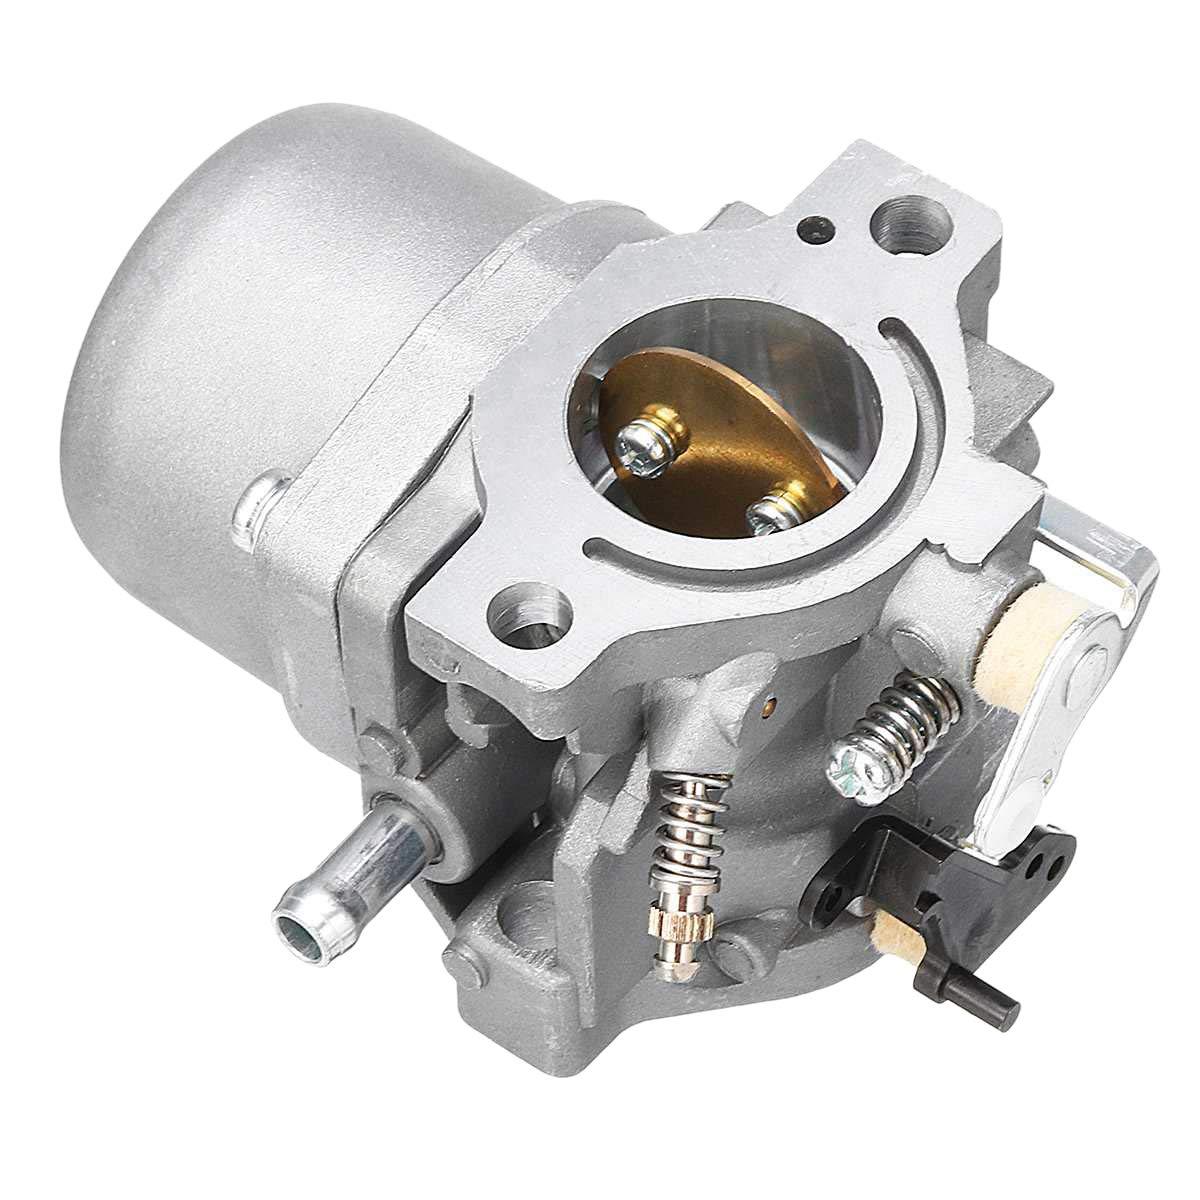 Summerwindy Carburateur Automatique pour Briggs et Stratton Walbro LMT 5-4993 avec Pi/èCes de Montage du Syst/èMe dalimentation en Carburant pour Filtre /à Joint de Carburateur